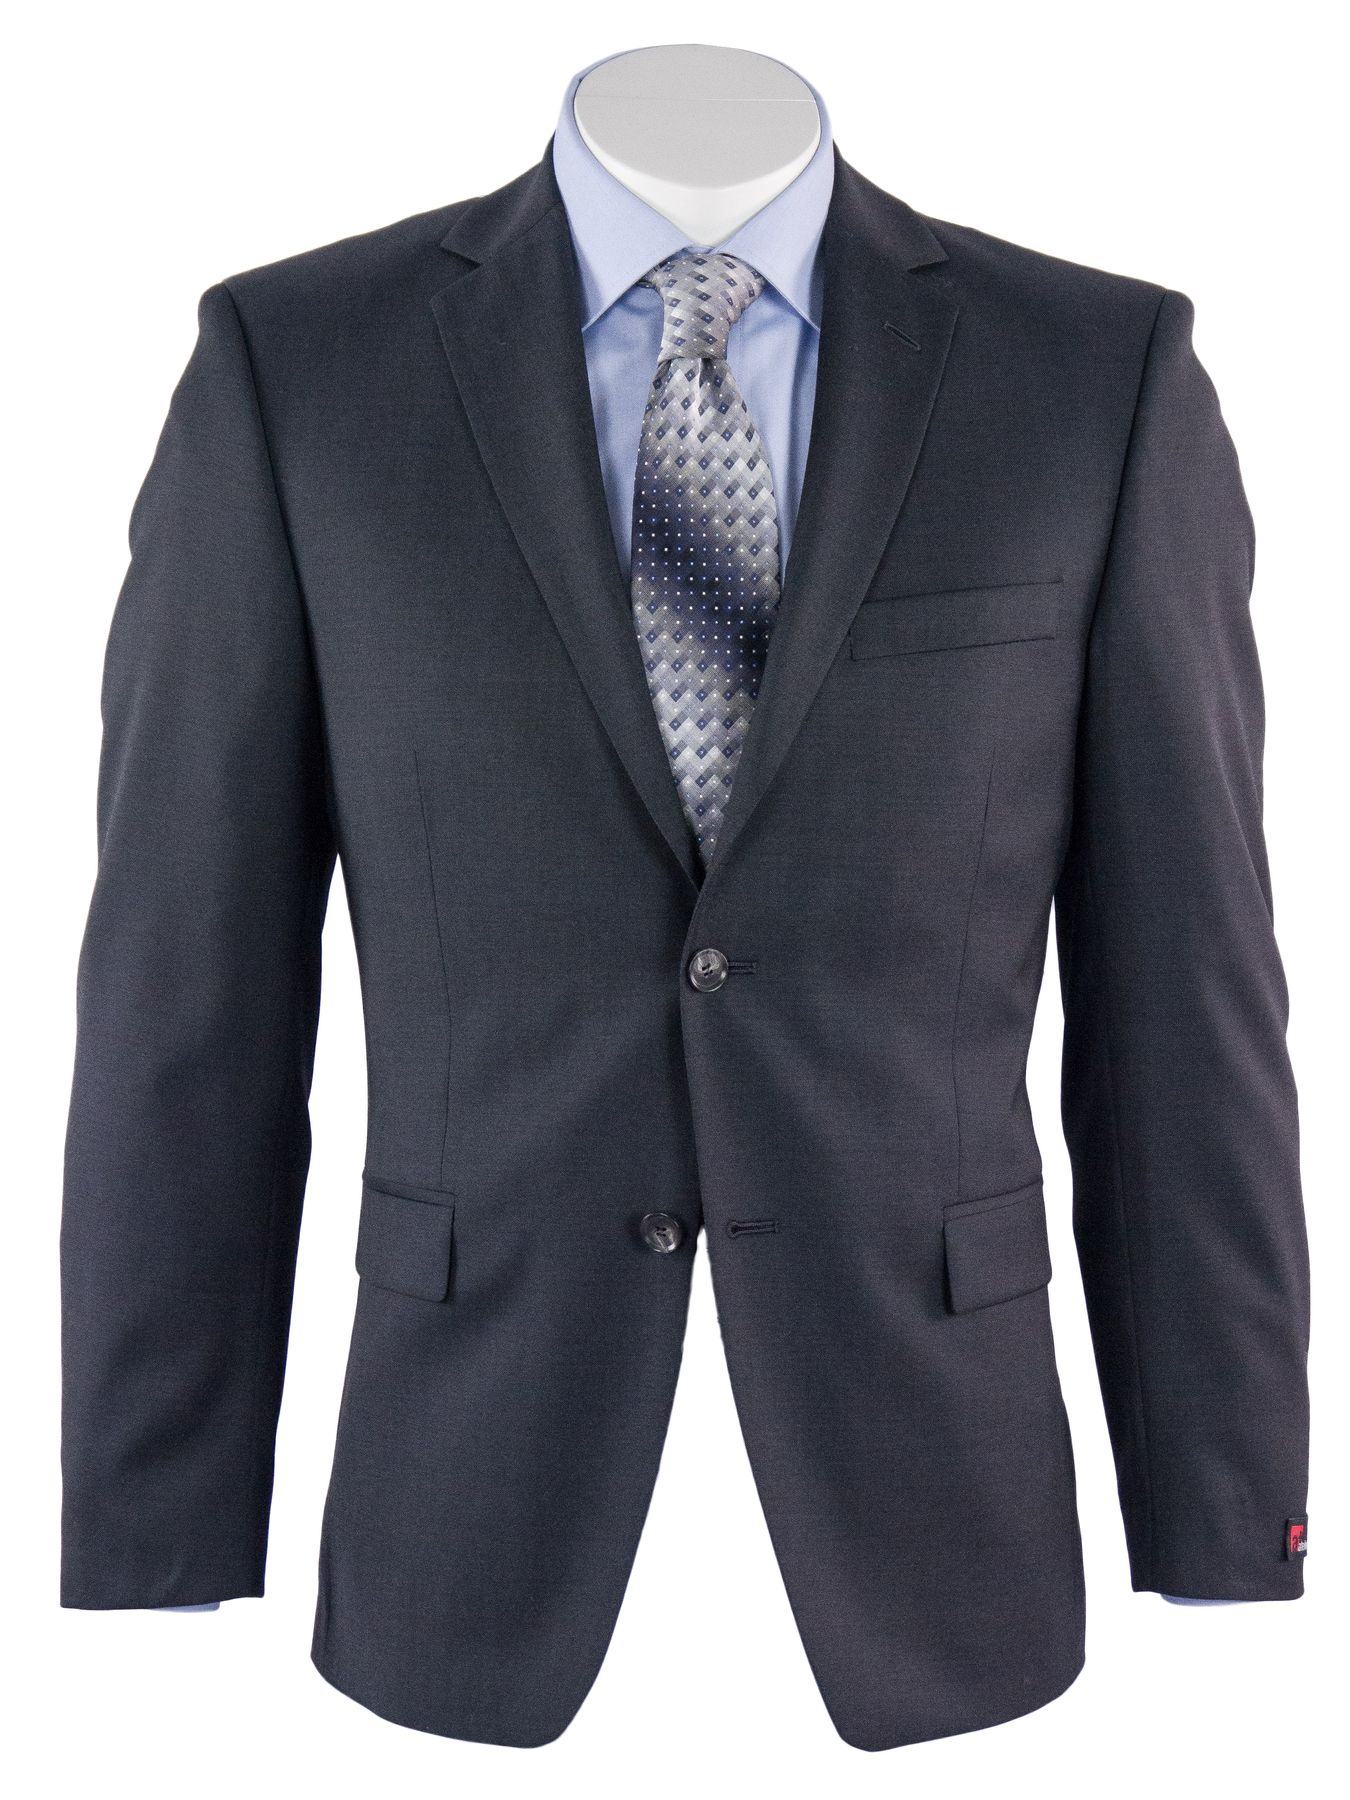 Atelier Torino - Modern Fit - Herren Baukasten Anzug aus reiner Schurwolle, Weber: Marzotto, Roma SS/Aldo (07044) – Bild 7